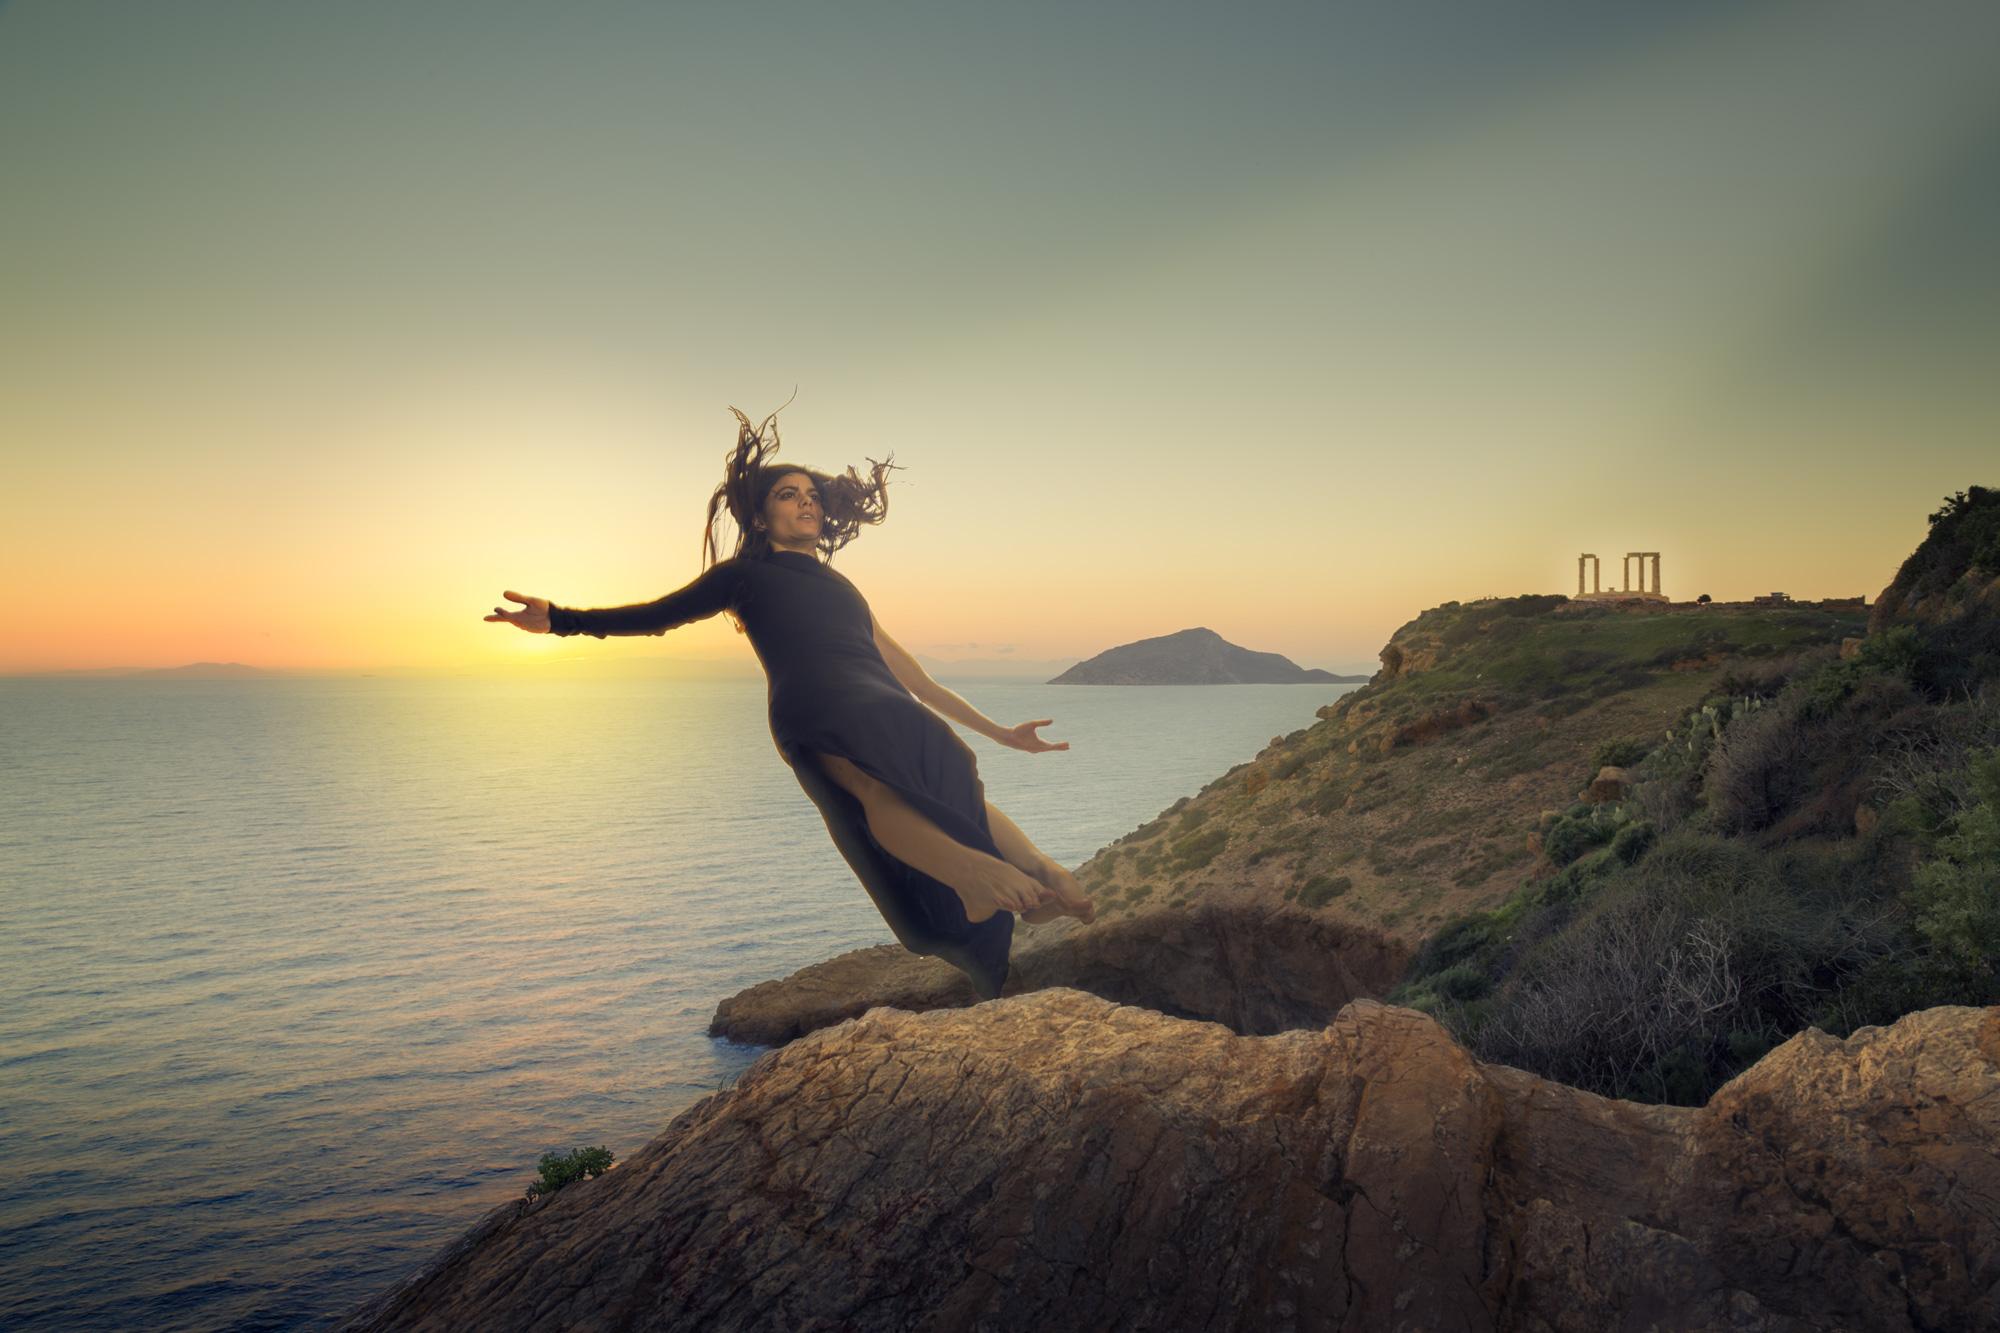 Φωτογραφία στο photoshop γυναίκας που πέφτει από τον βράχο του Σουνίου